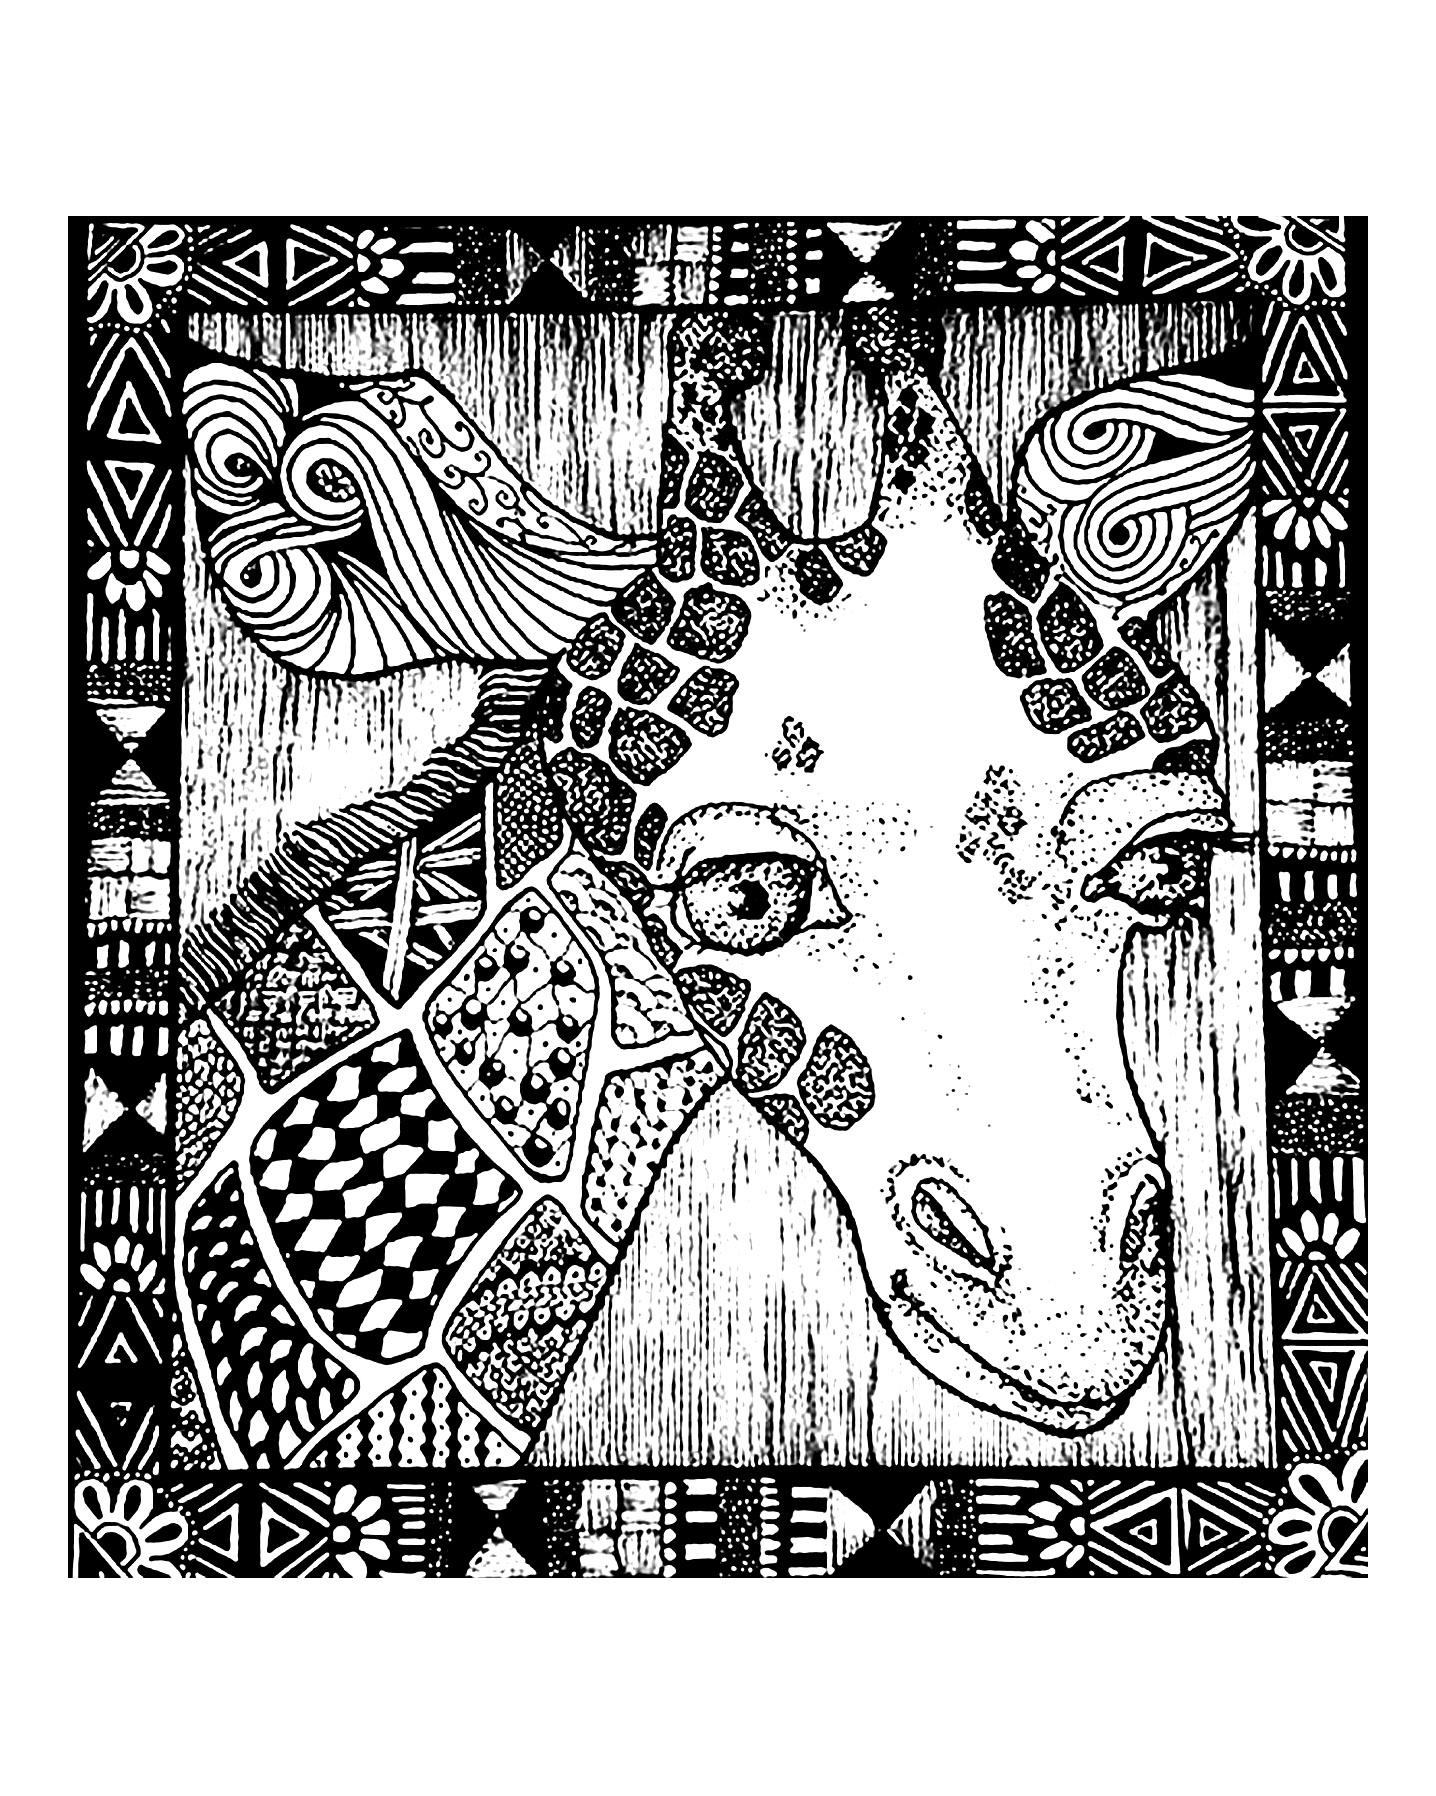 Coloriage Tete De Girafe A Imprimer.Afrique Girafe Afrique Coloriages Difficiles Pour Adultes